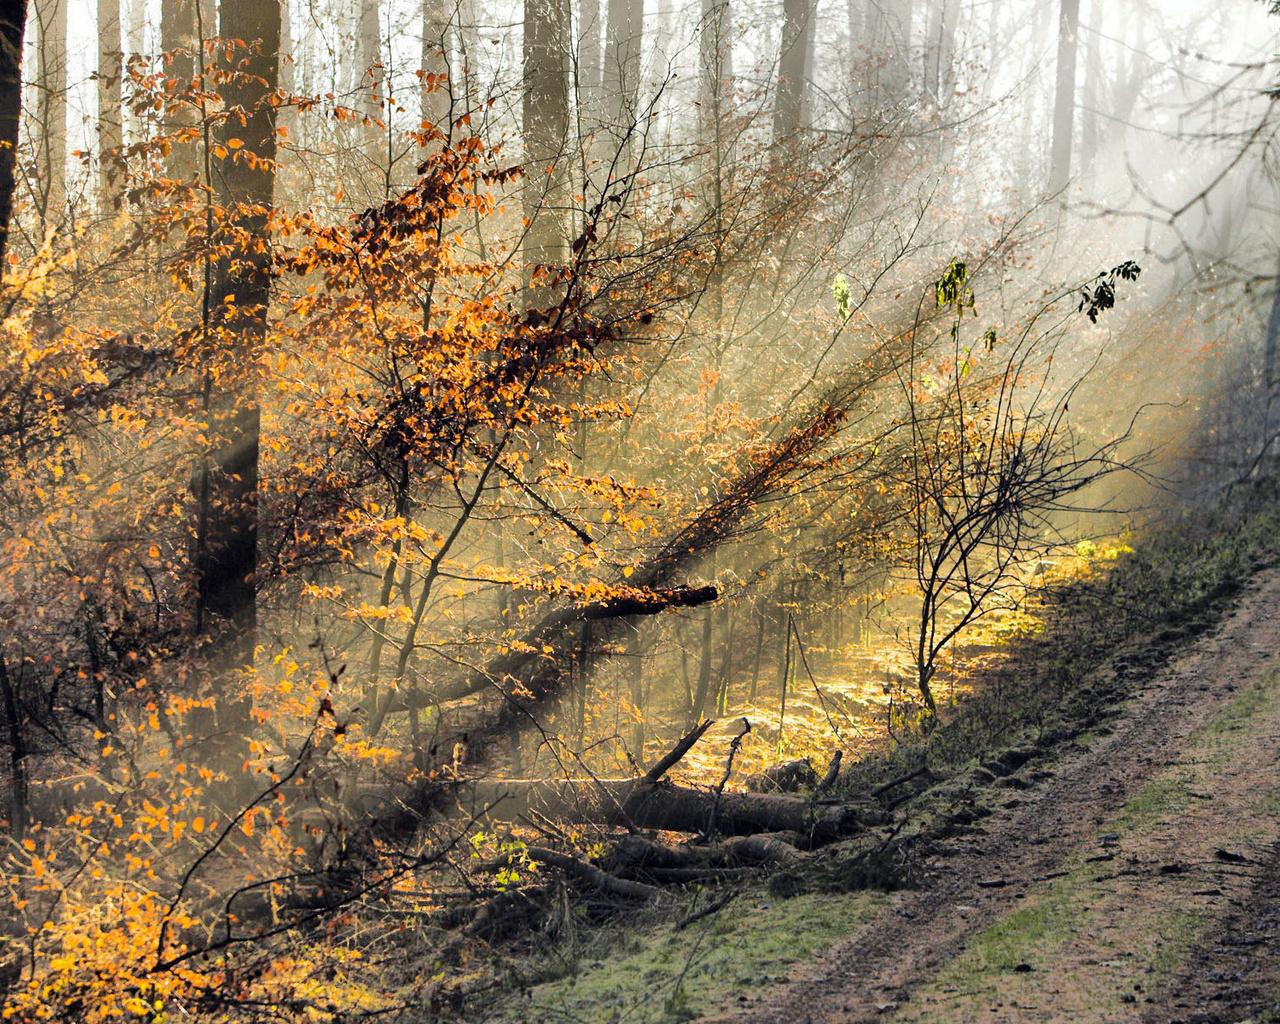 basik.ru - Природа - Осень - фотография 1: basik.ru/photo_nature/autumn_foto/36_autumn_foto